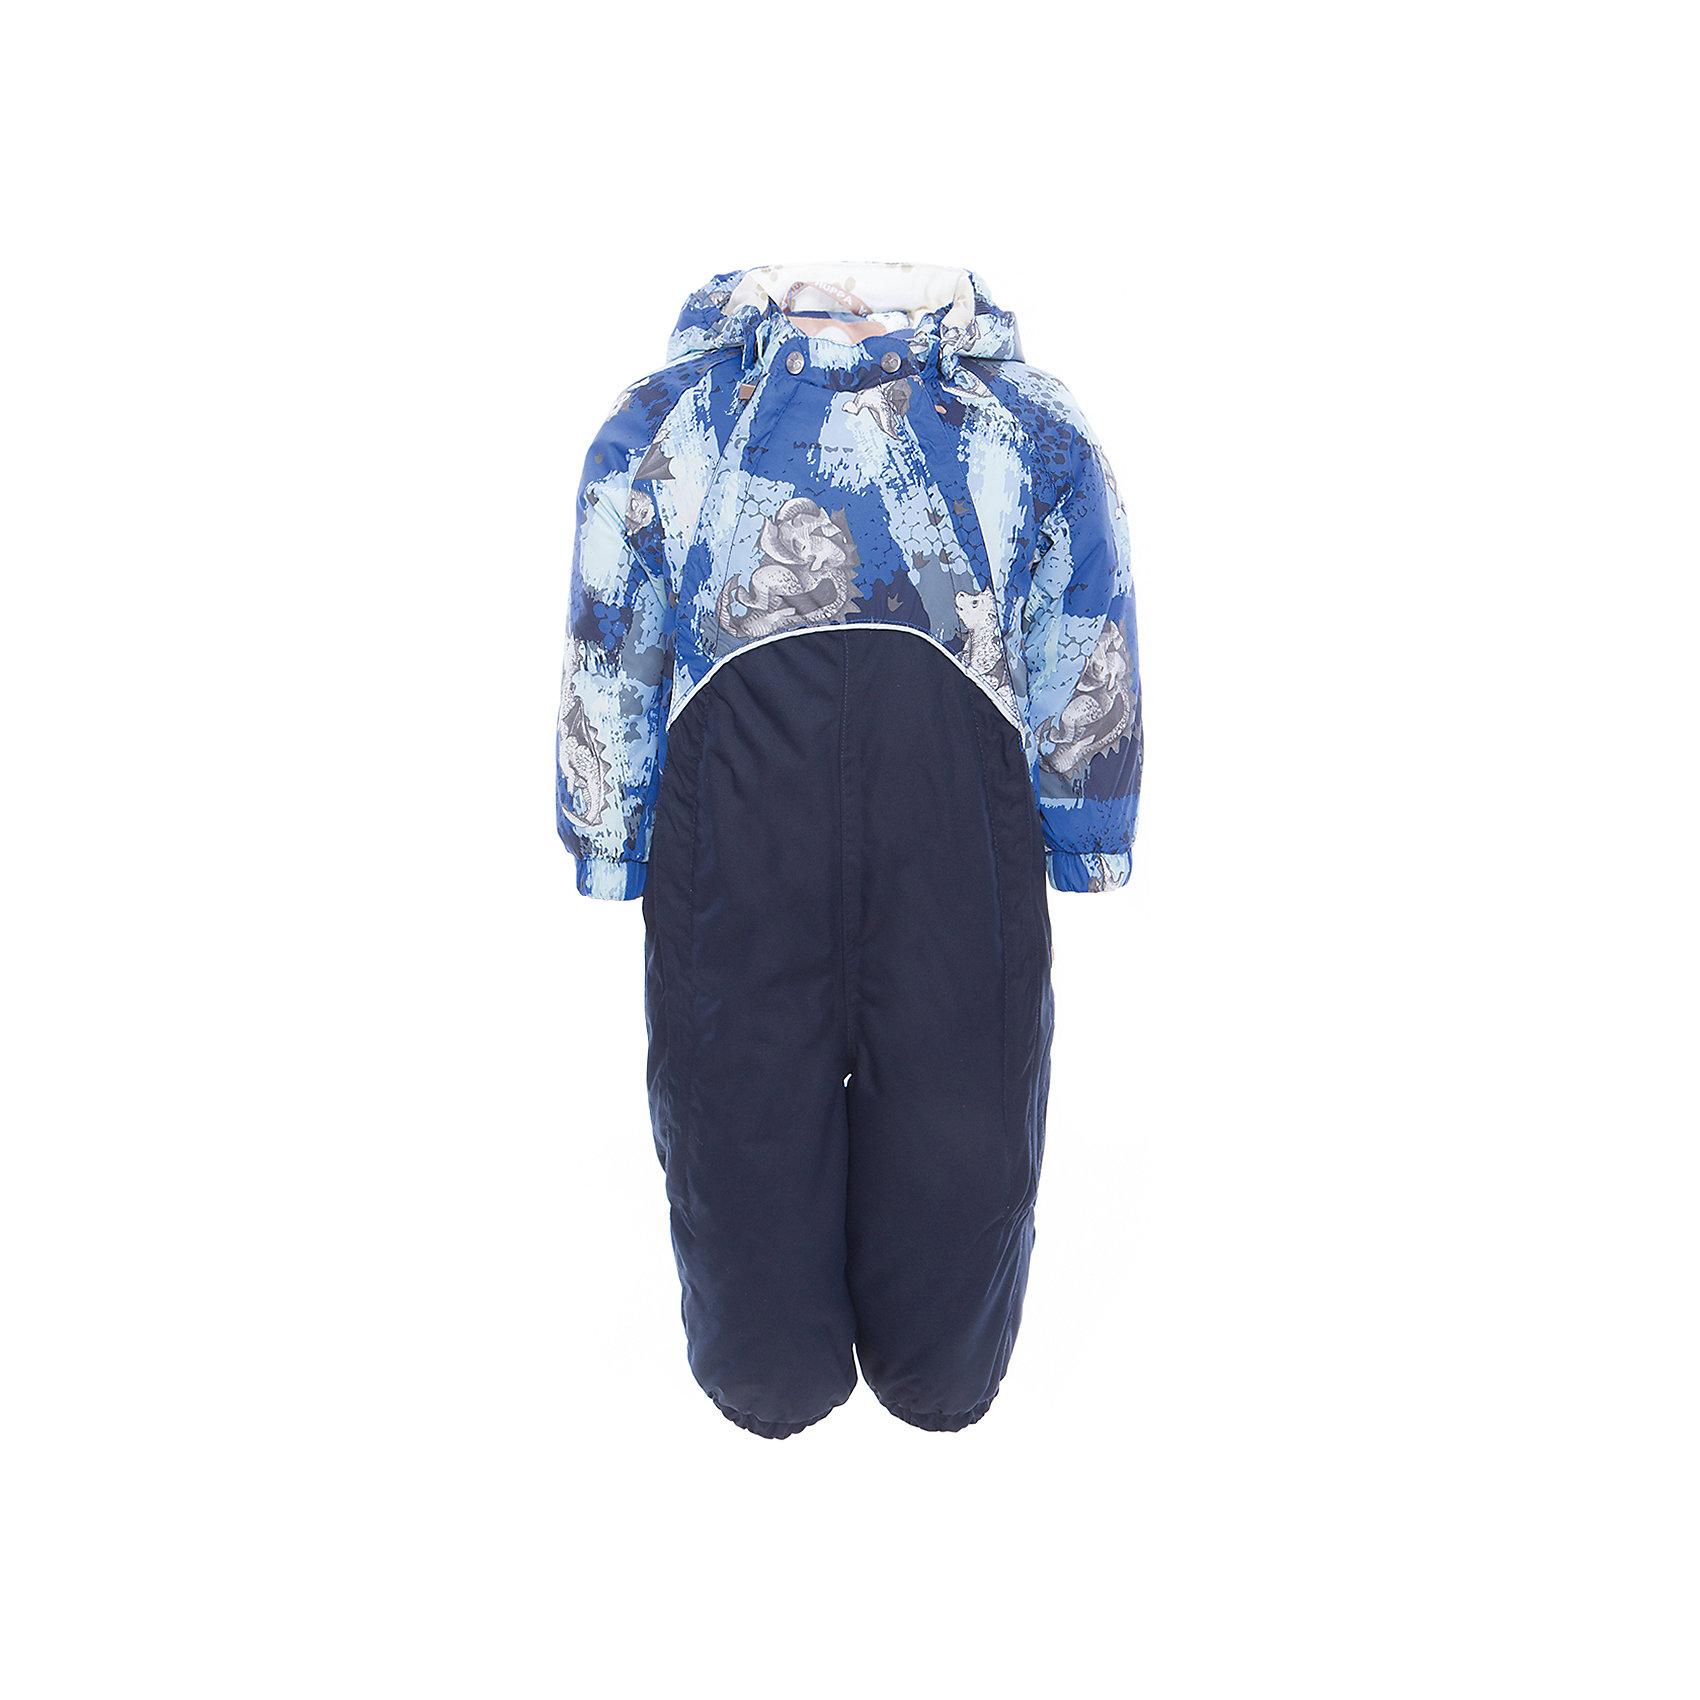 Комбинезон GOLDEN для мальчика HuppaВерхняя одежда<br>Характеристики товара:<br><br>• цвет: синий принт<br>• ткань: 100% полиэстер<br>• подкладка: фланель - 100% хлопок<br>• утеплитель: 100% полиэстер 100 г<br>• температурный режим: от -5°С до +10°С<br>• водонепроницаемость: верх - 5000 мм, низ - 10000 мм<br>• воздухопроницаемость: верх - 5000 мм, низ - 10000 мм<br>• светоотражающие детали<br>• мягкая подкладка<br>• шов сидения и боковые швы проклеены<br>• съёмный капюшон с резинкой<br>• манжеты рукавов с резинкой<br>• манжеты с отворотом у размеров 62-80<br>• манжеты брюк с резинкой<br>• съёмные эластичные штрипки<br>• без внутренних швов<br>• коллекция: весна-лето 2017<br>• страна бренда: Эстония<br><br>Этот удобный комбинезон обеспечит детям тепло и комфорт. Он сделан из материала, отталкивающего воду, и дополнен подкладкой с утеплителем, поэтому изделие идеально подходит для межсезонья. Материал изделия - с мембранной технологией: защищая от влаги и ветра, он легко выводит лишнюю влагу наружу. Комбинезон очень симпатично смотрится. <br><br>Одежда и обувь от популярного эстонского бренда Huppa - отличный вариант одеть ребенка можно и комфортно. Вещи, выпускаемые компанией, качественные, продуманные и очень удобные. Для производства изделий используются только безопасные для детей материалы. Продукция от Huppa порадует и детей, и их родителей!<br><br>Комбинезон GOLDEN от бренда Huppa (Хуппа) можно купить в нашем интернет-магазине.<br><br>Ширина мм: 356<br>Глубина мм: 10<br>Высота мм: 245<br>Вес г: 519<br>Цвет: синий<br>Возраст от месяцев: 24<br>Возраст до месяцев: 36<br>Пол: Мужской<br>Возраст: Детский<br>Размер: 98,74,80,86,92<br>SKU: 5346518